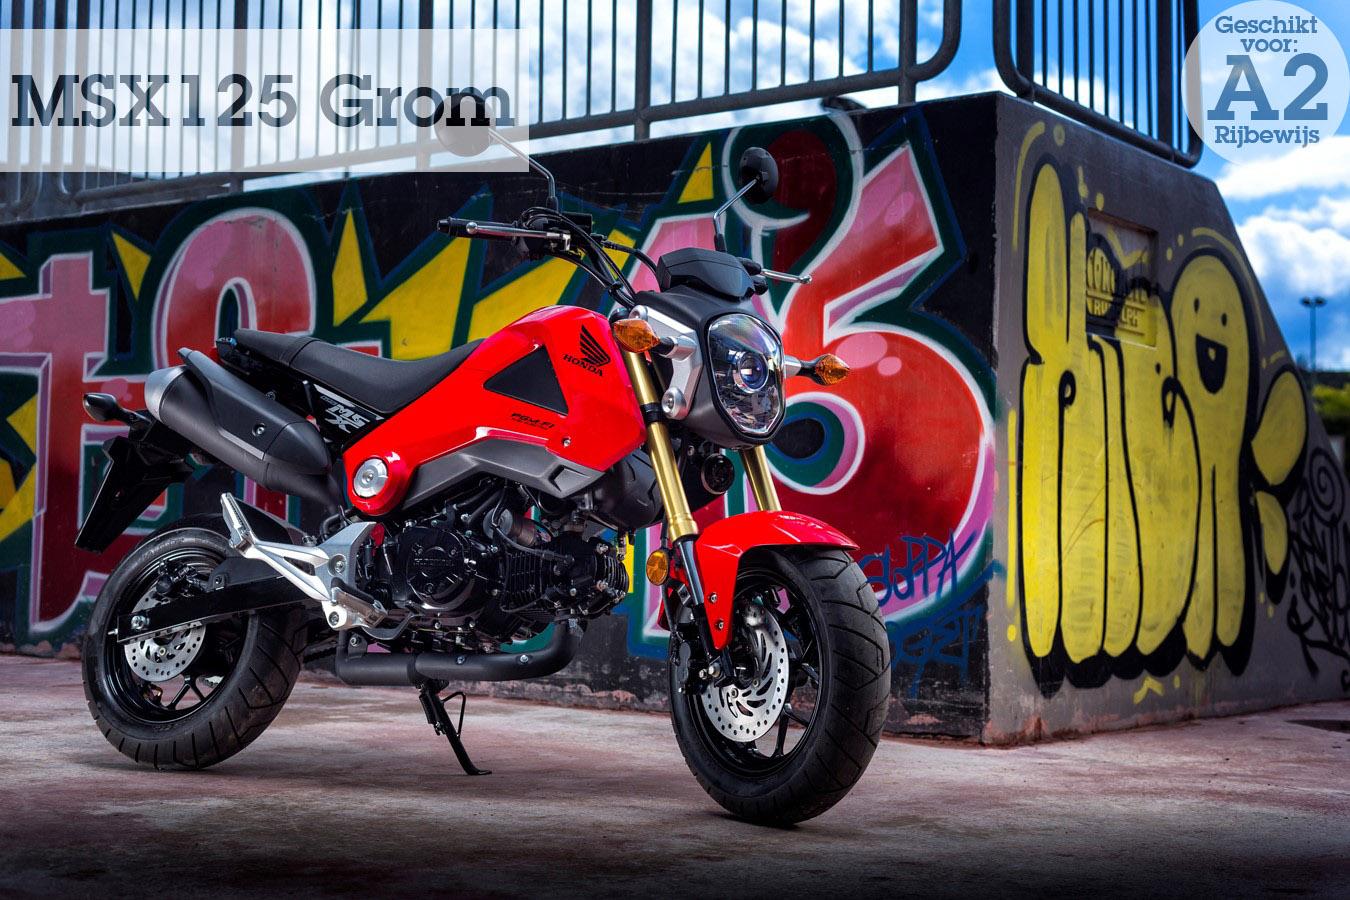 Honda grom msx125